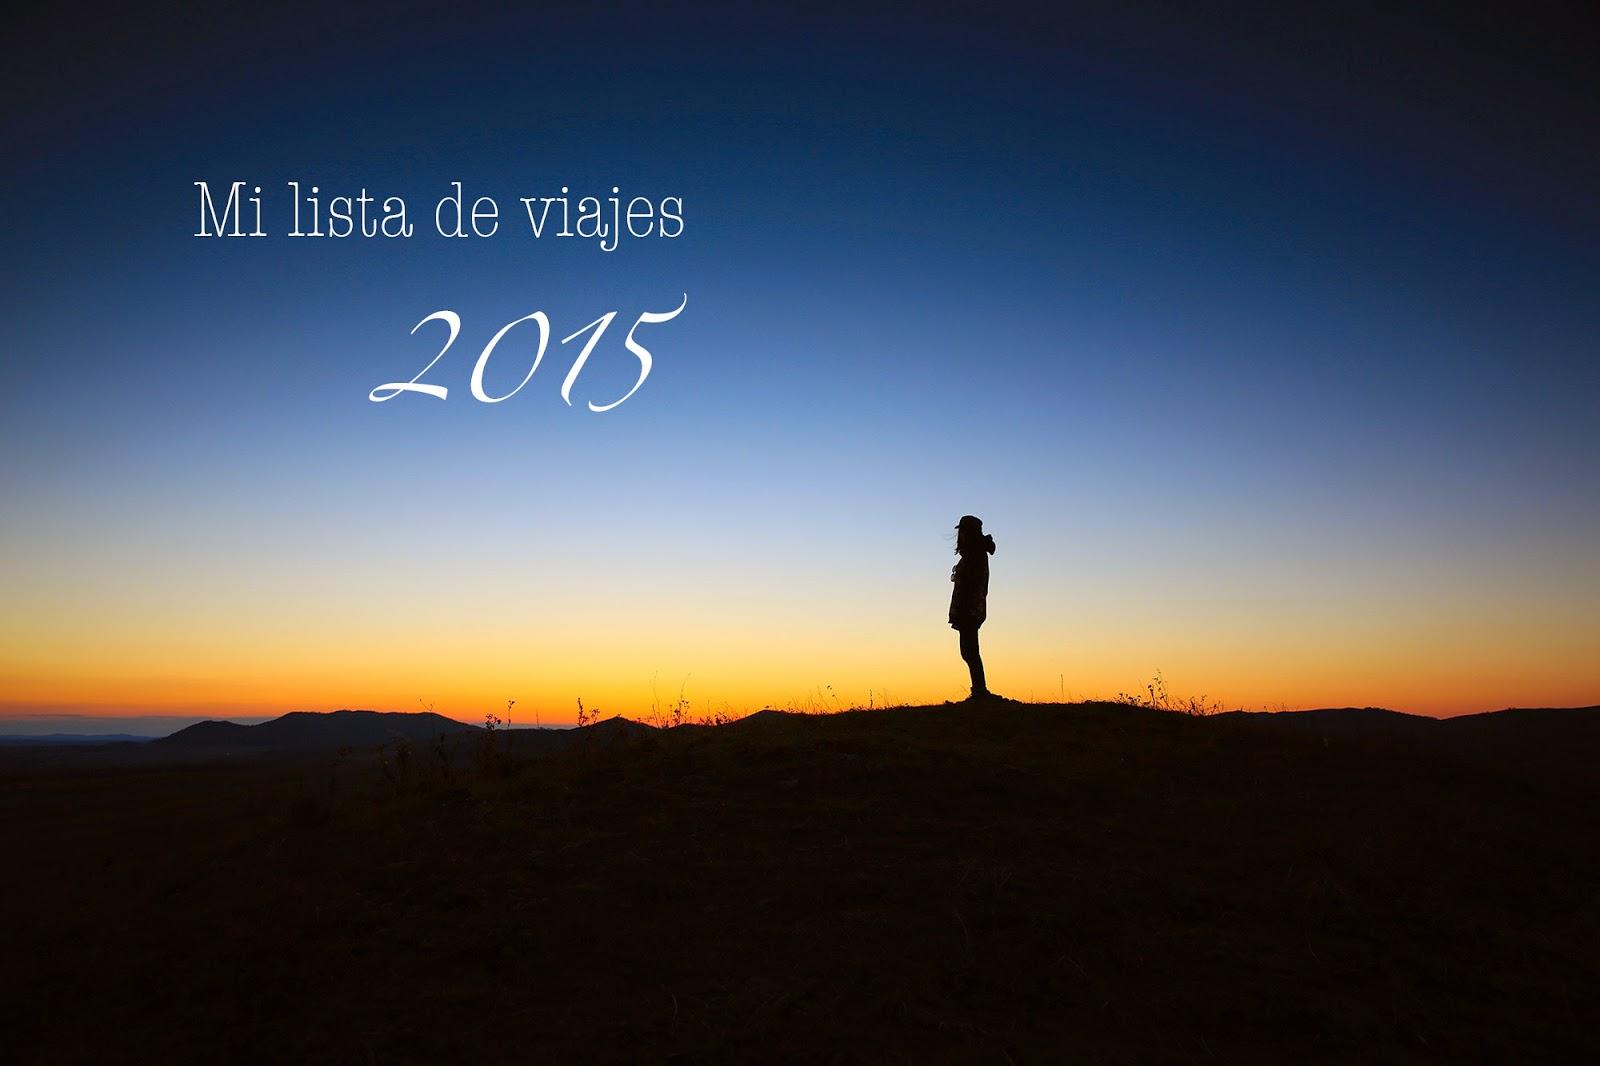 Título post lista de viajes 2015